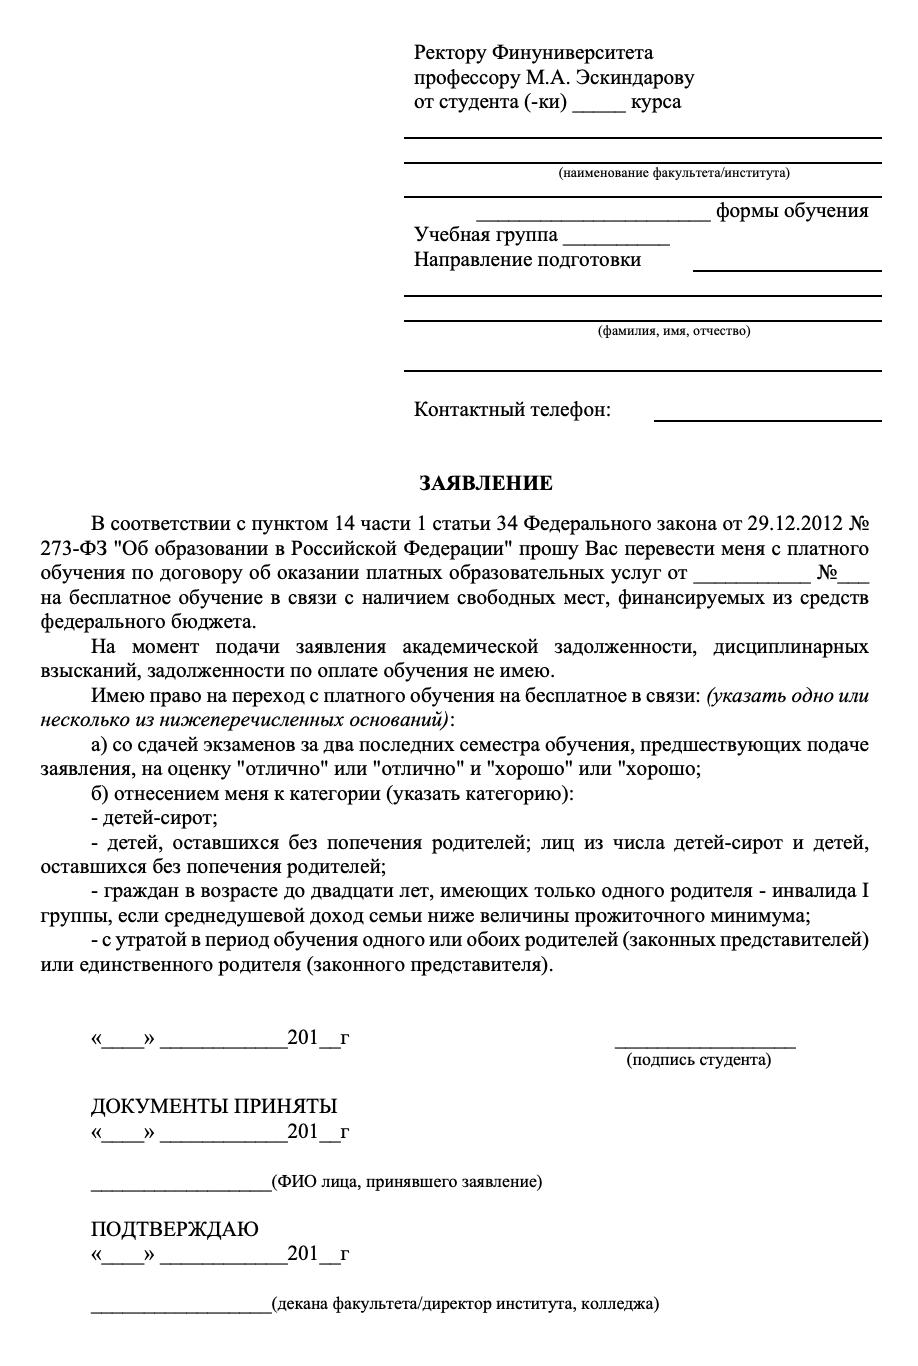 Образец заявления с сайта Финансового университета приПравительстве РФ